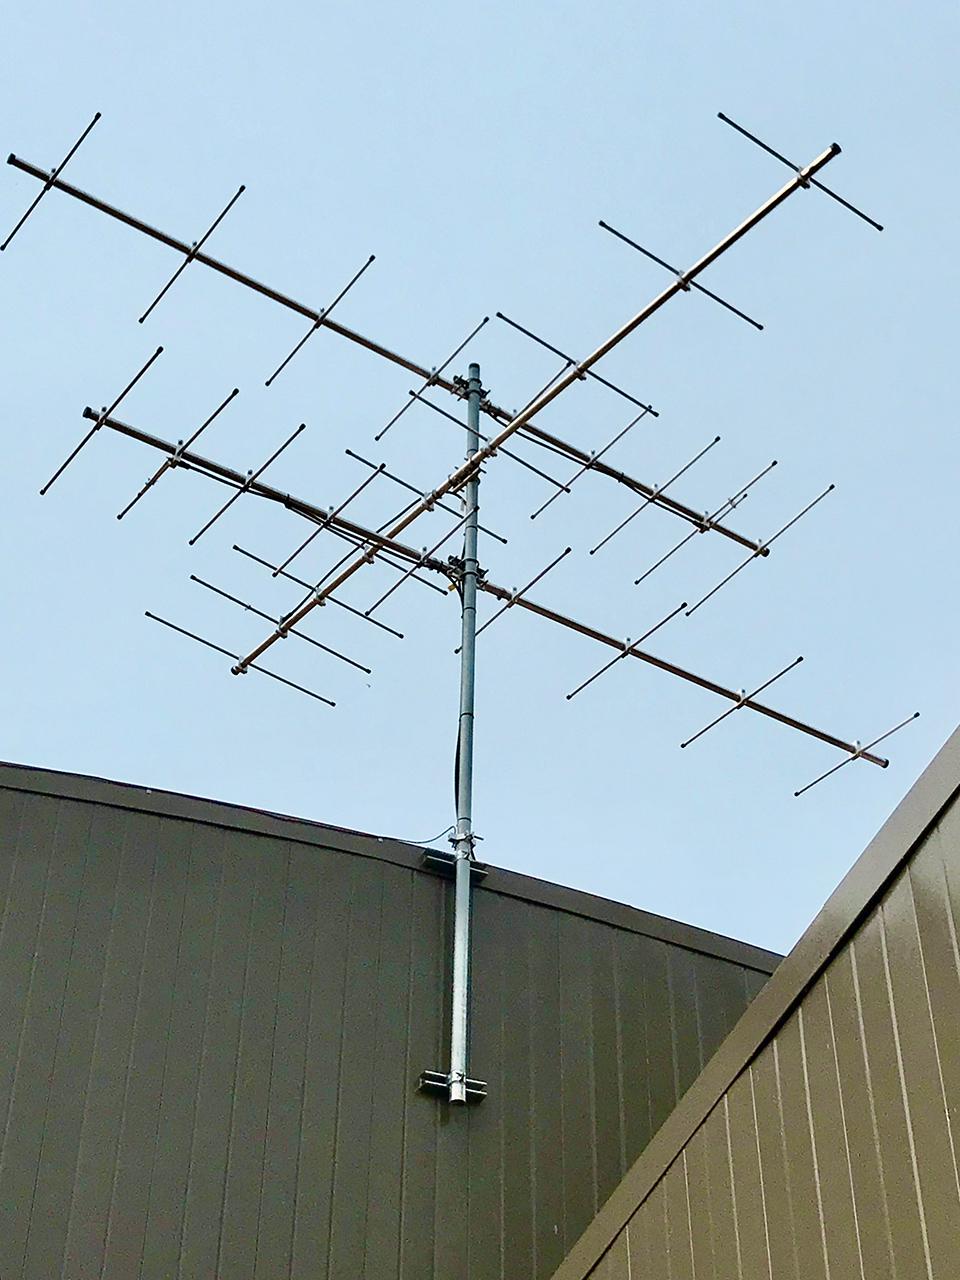 Motus antennae